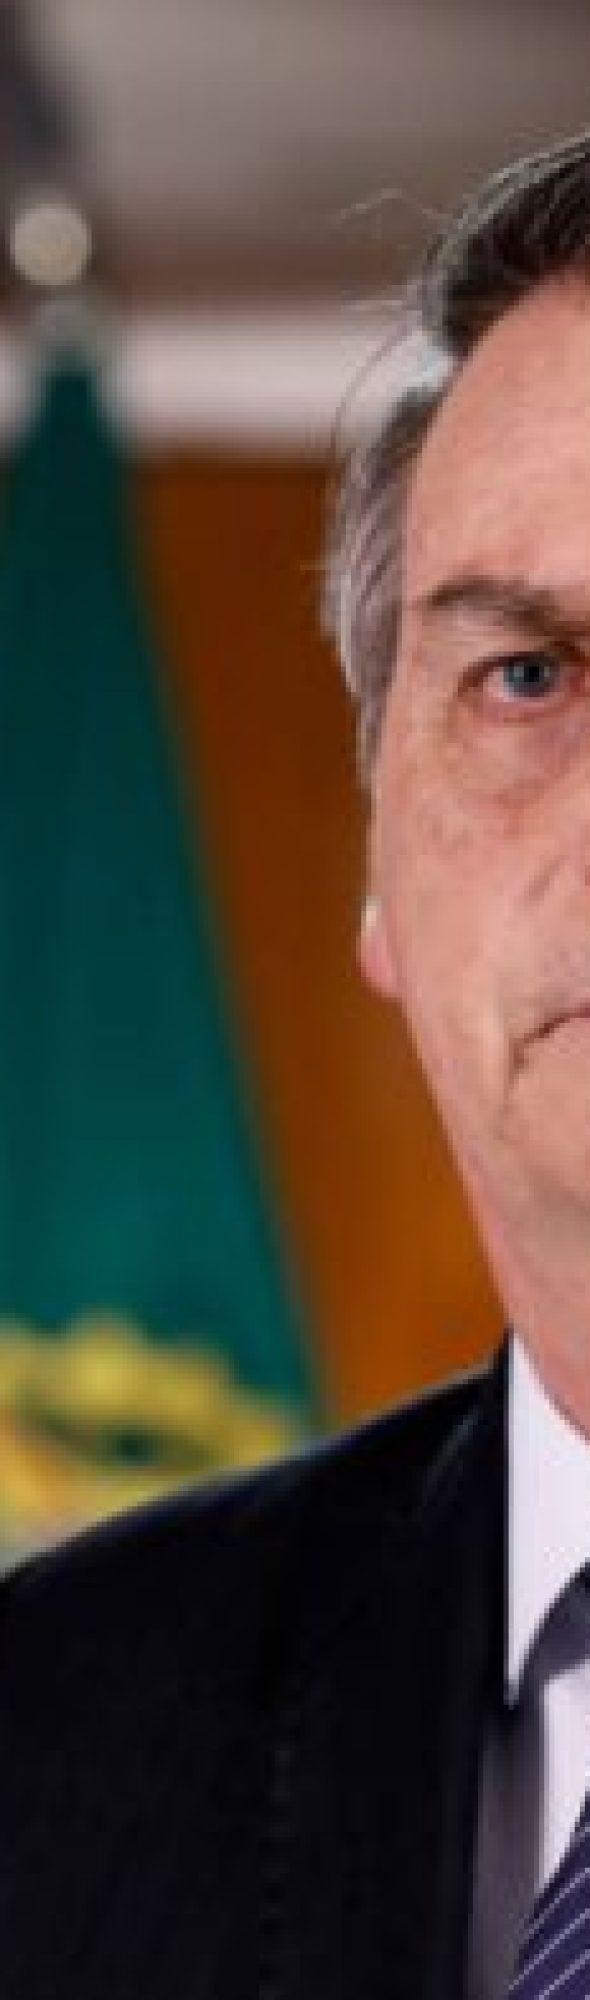 Prezydent Brazylii może stanąć przed Międzynarodowym Trybunałem Karnym za  to, co zrobił w Amazonii - BiznesAlert.pl